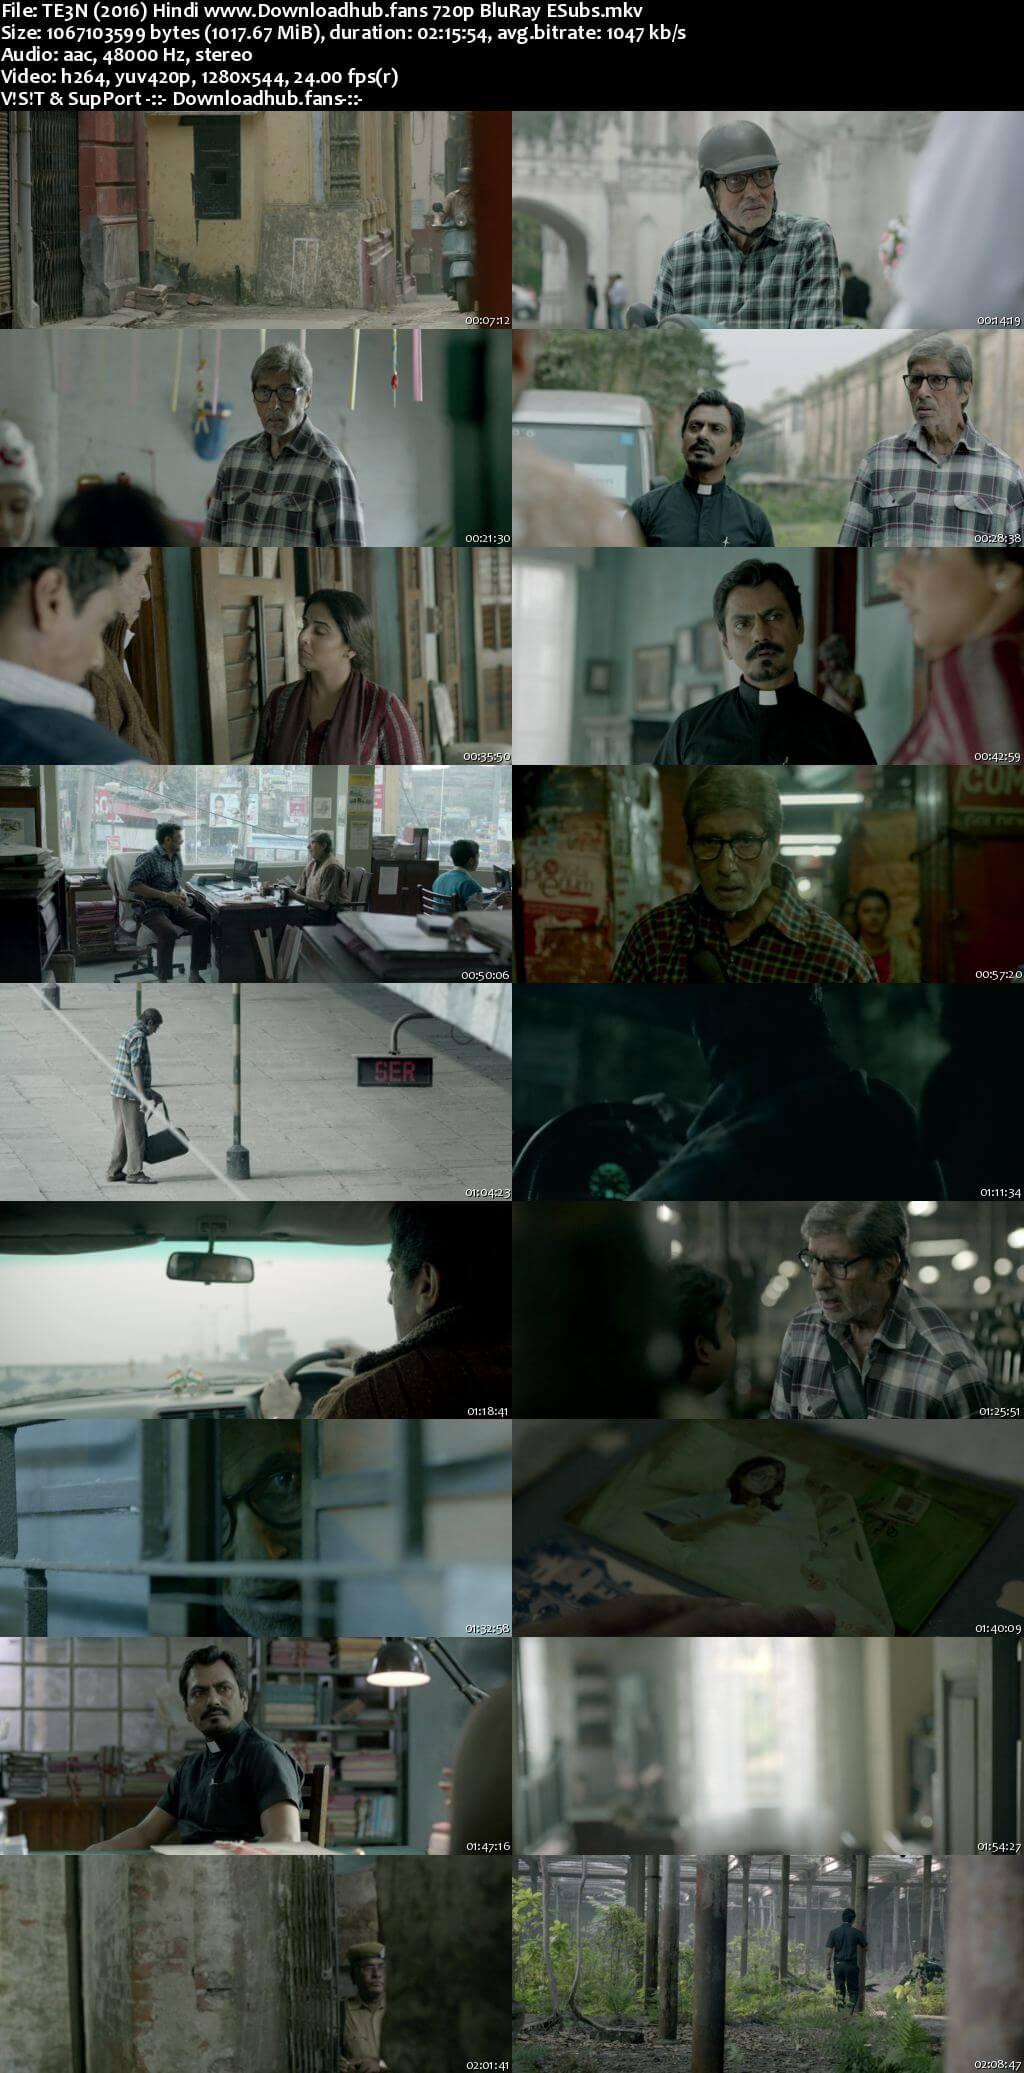 Te3n 2016 Hindi 720p BluRay ESubs